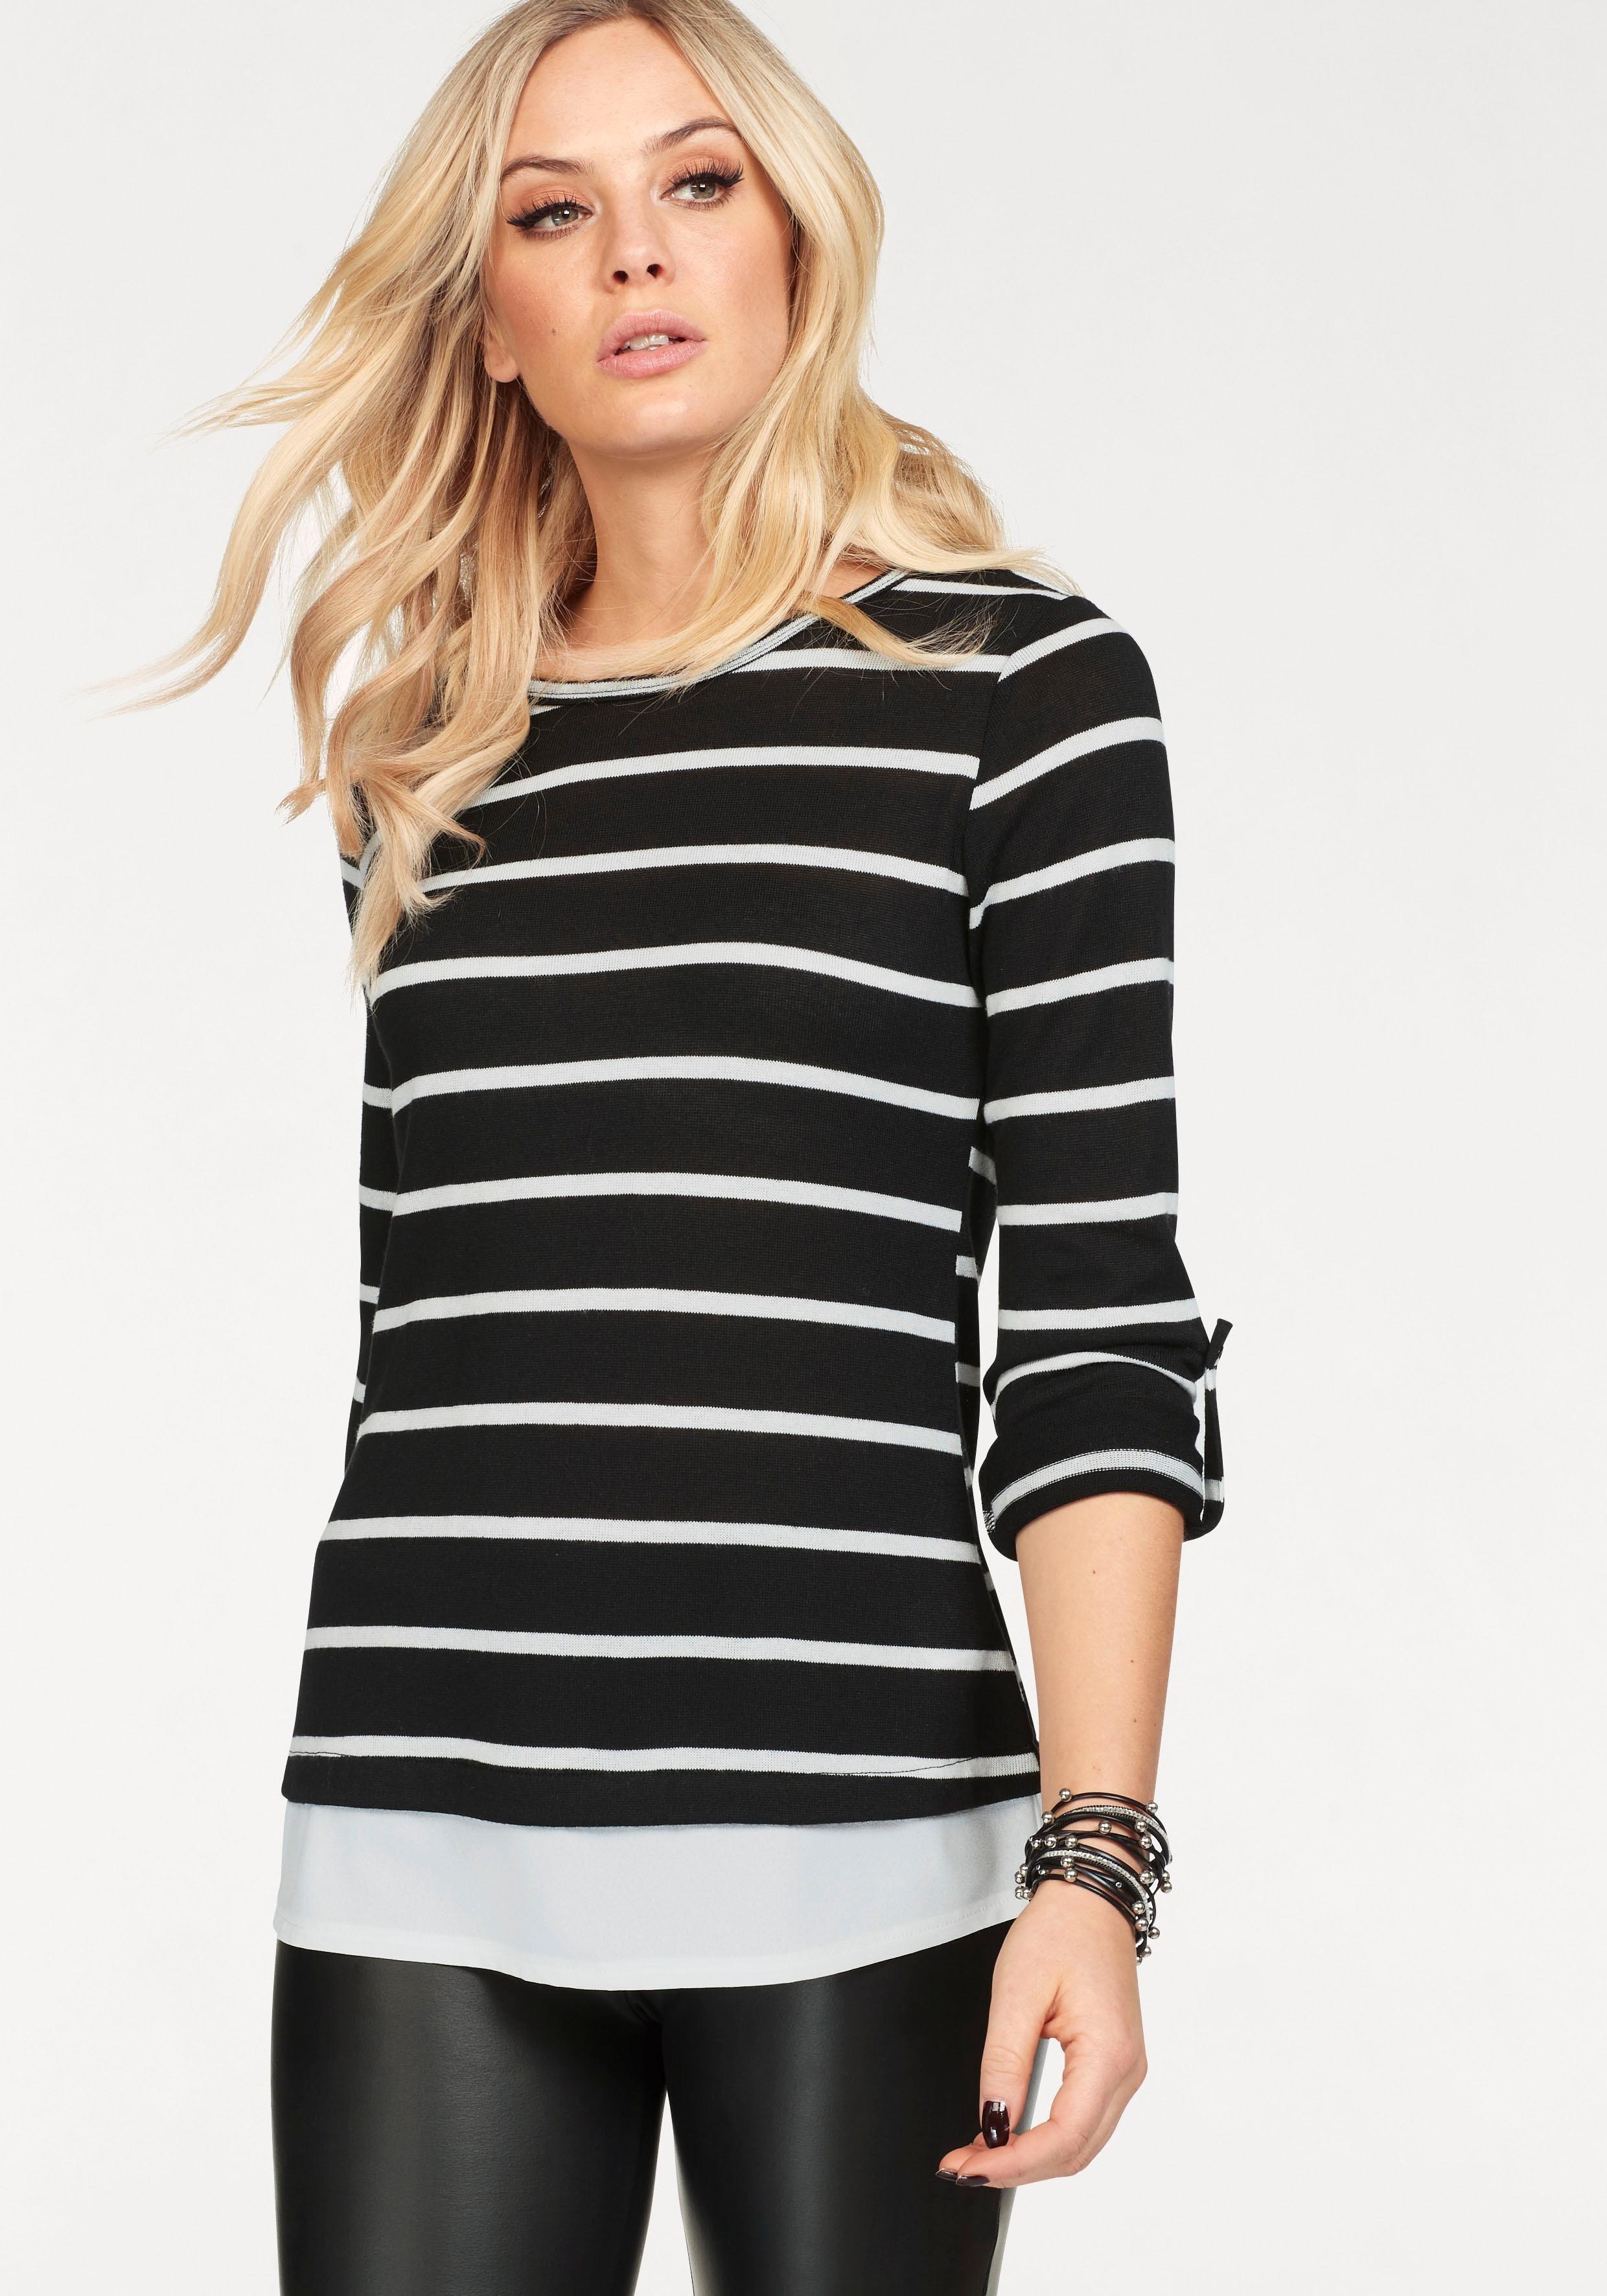 schwarzer und weißer horizontal gestreifter Pullover mit einem Rundhalsausschnitt von Hailys